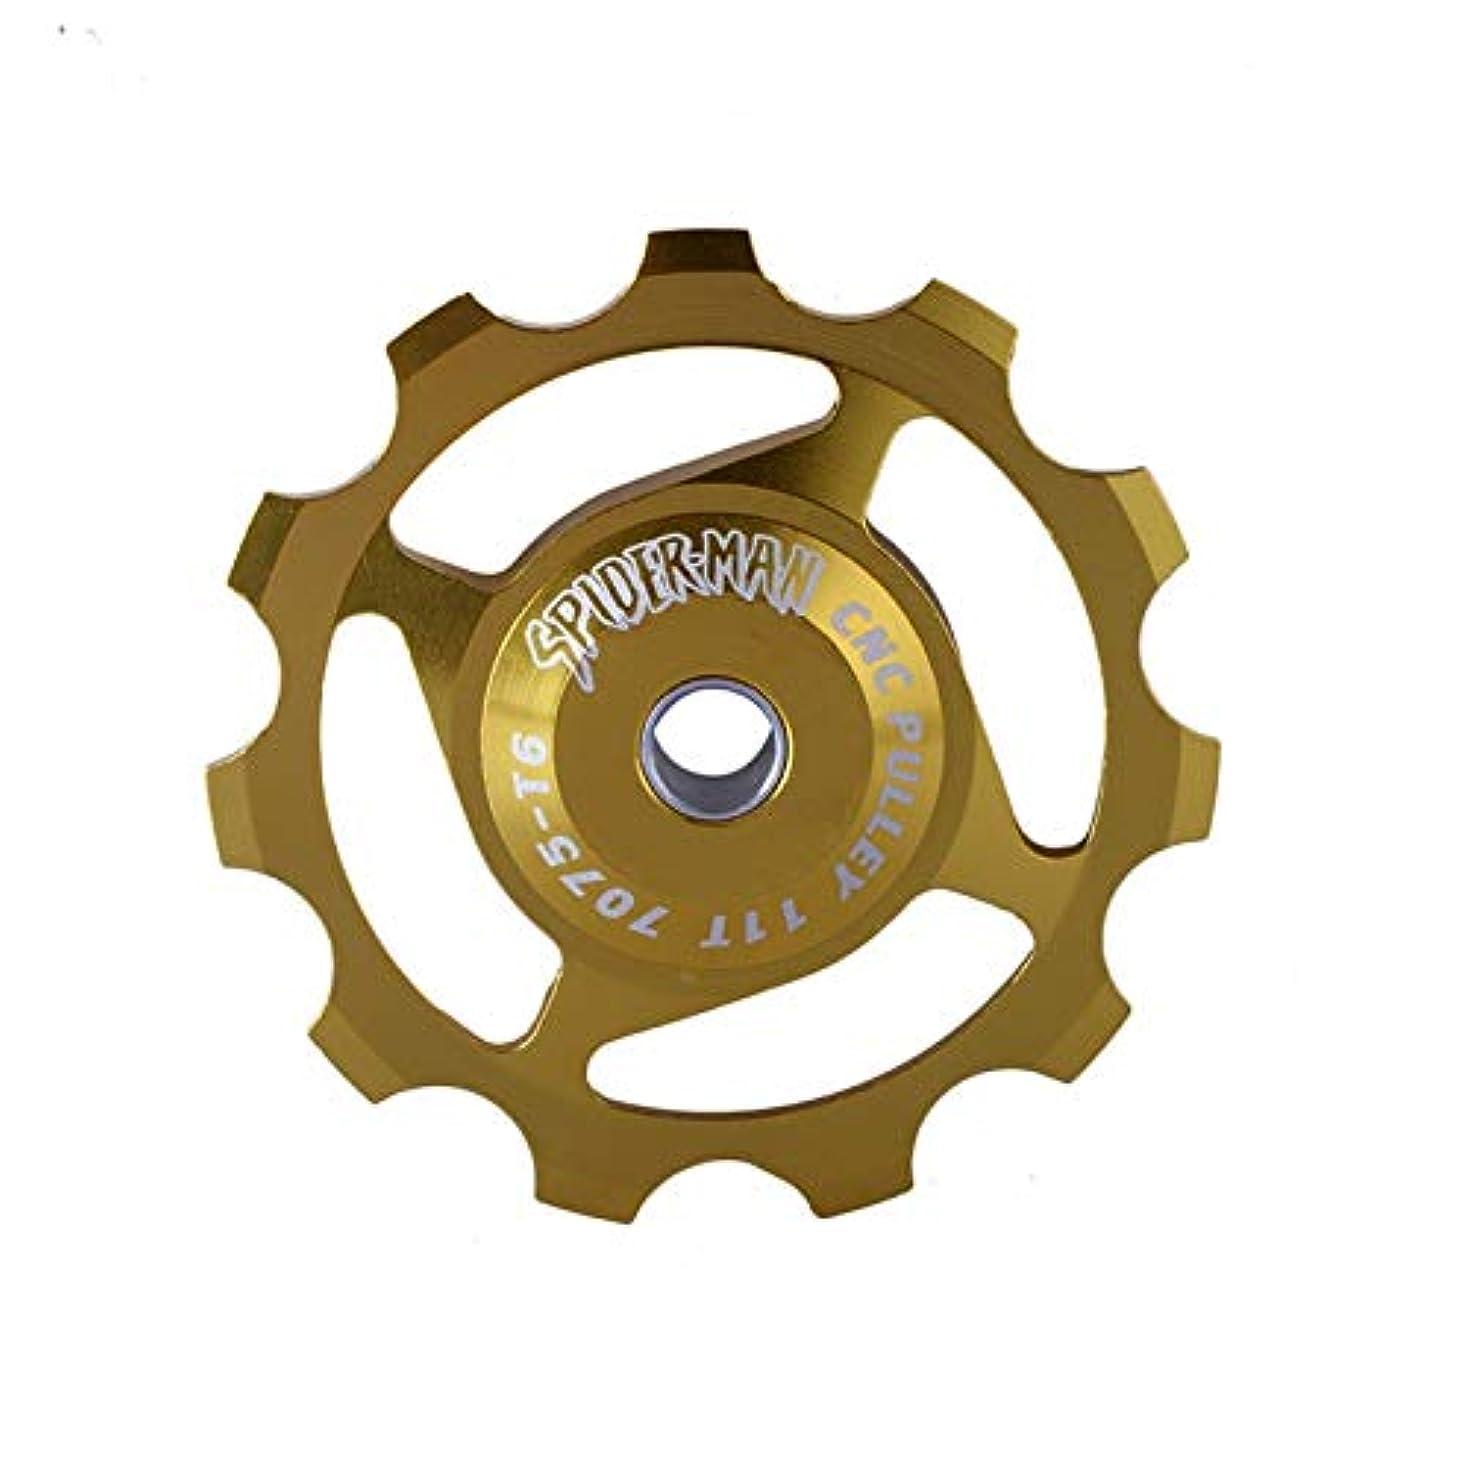 びっくりするレザー沿ってPropenary - 自転車リアディレイラー7075アルミニウム11Tロードバイクベアリングリアディレイラープーリーローラーアイドラーの自転車ジョッキーホイール部品[イエロー]